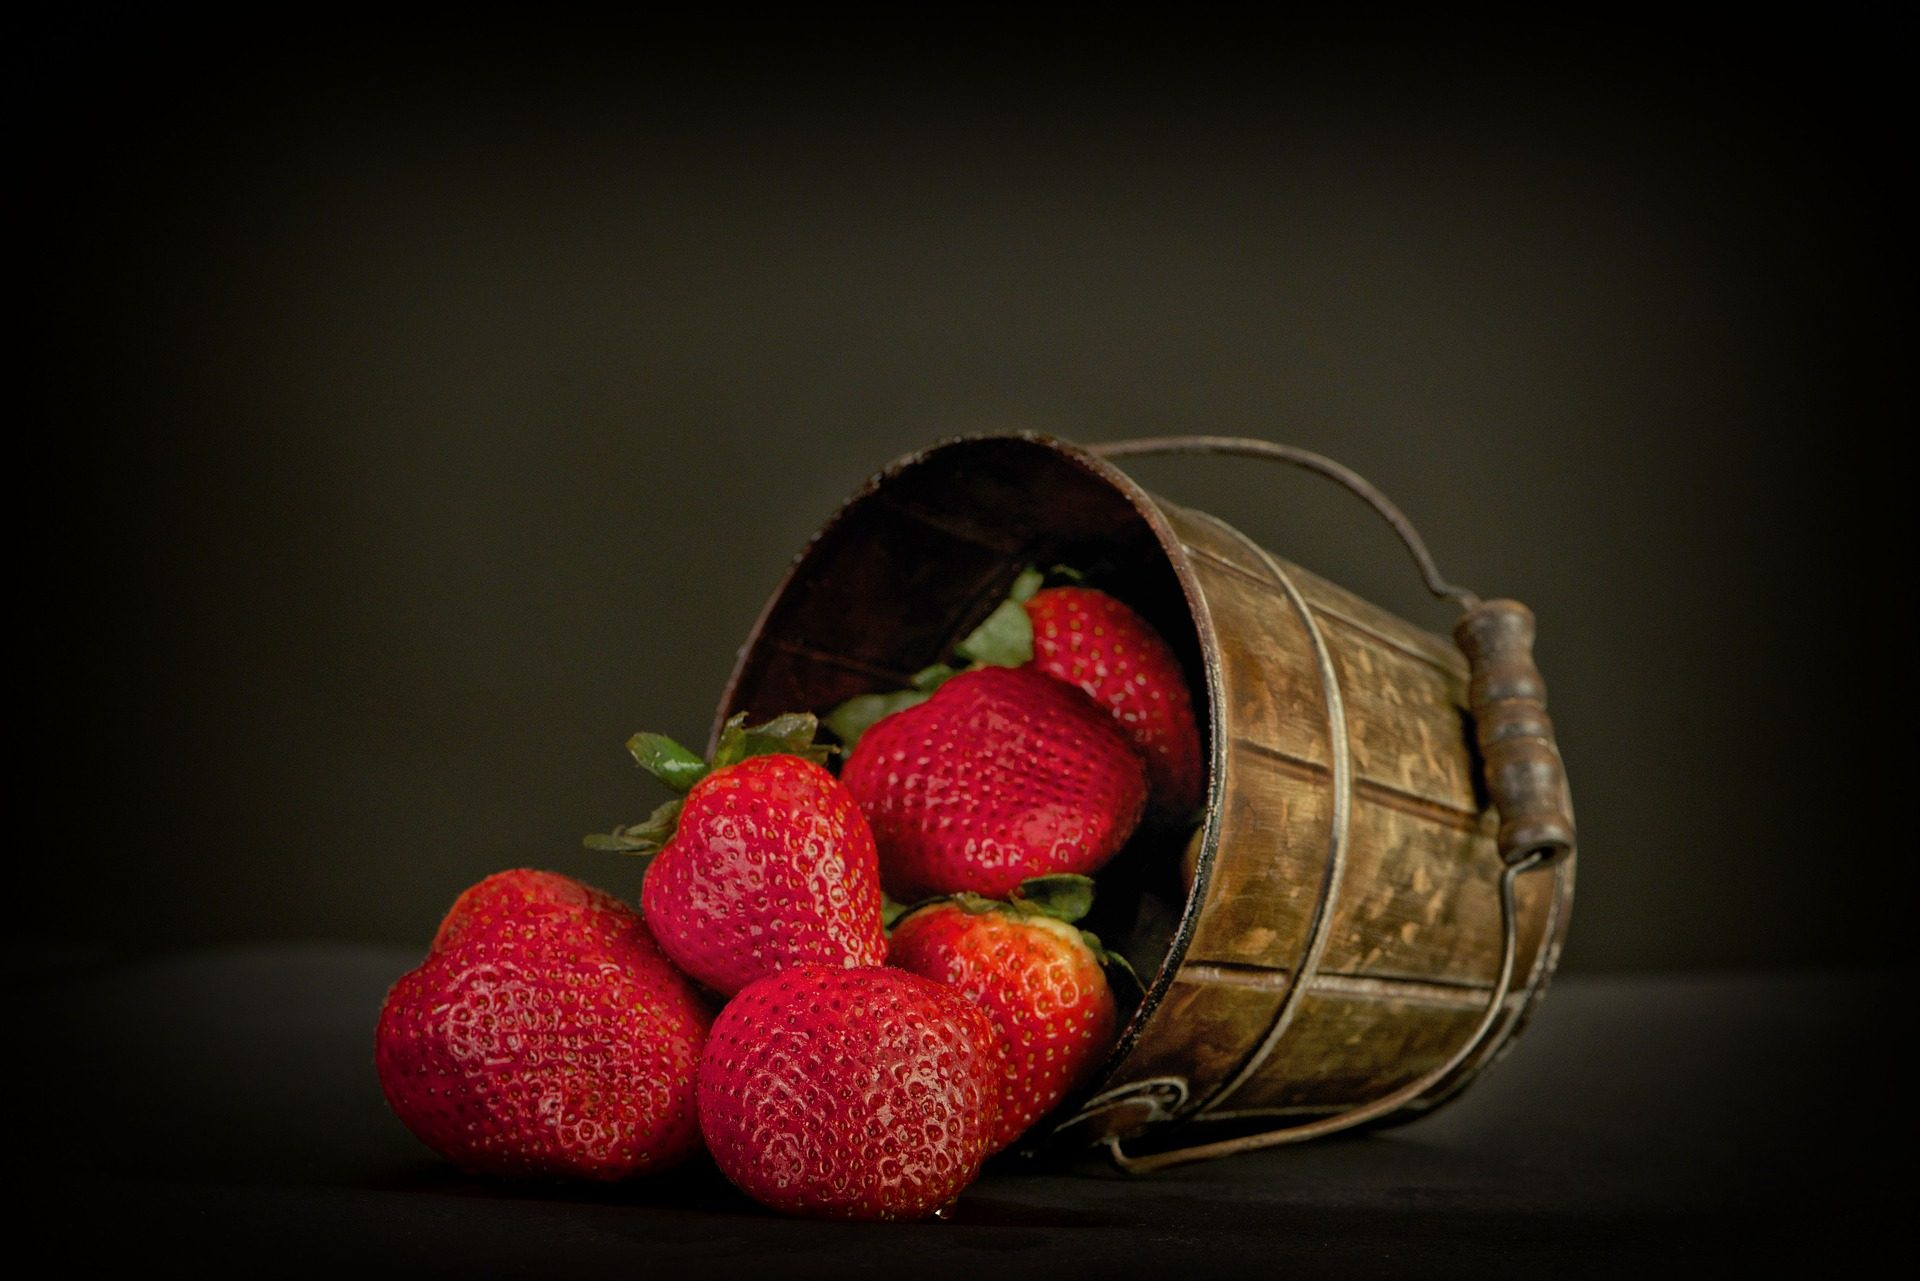 草莓, 水果, 购物篮, 多维数据集, 红色, 亮度 - 高清壁纸 - 教授-falken.com